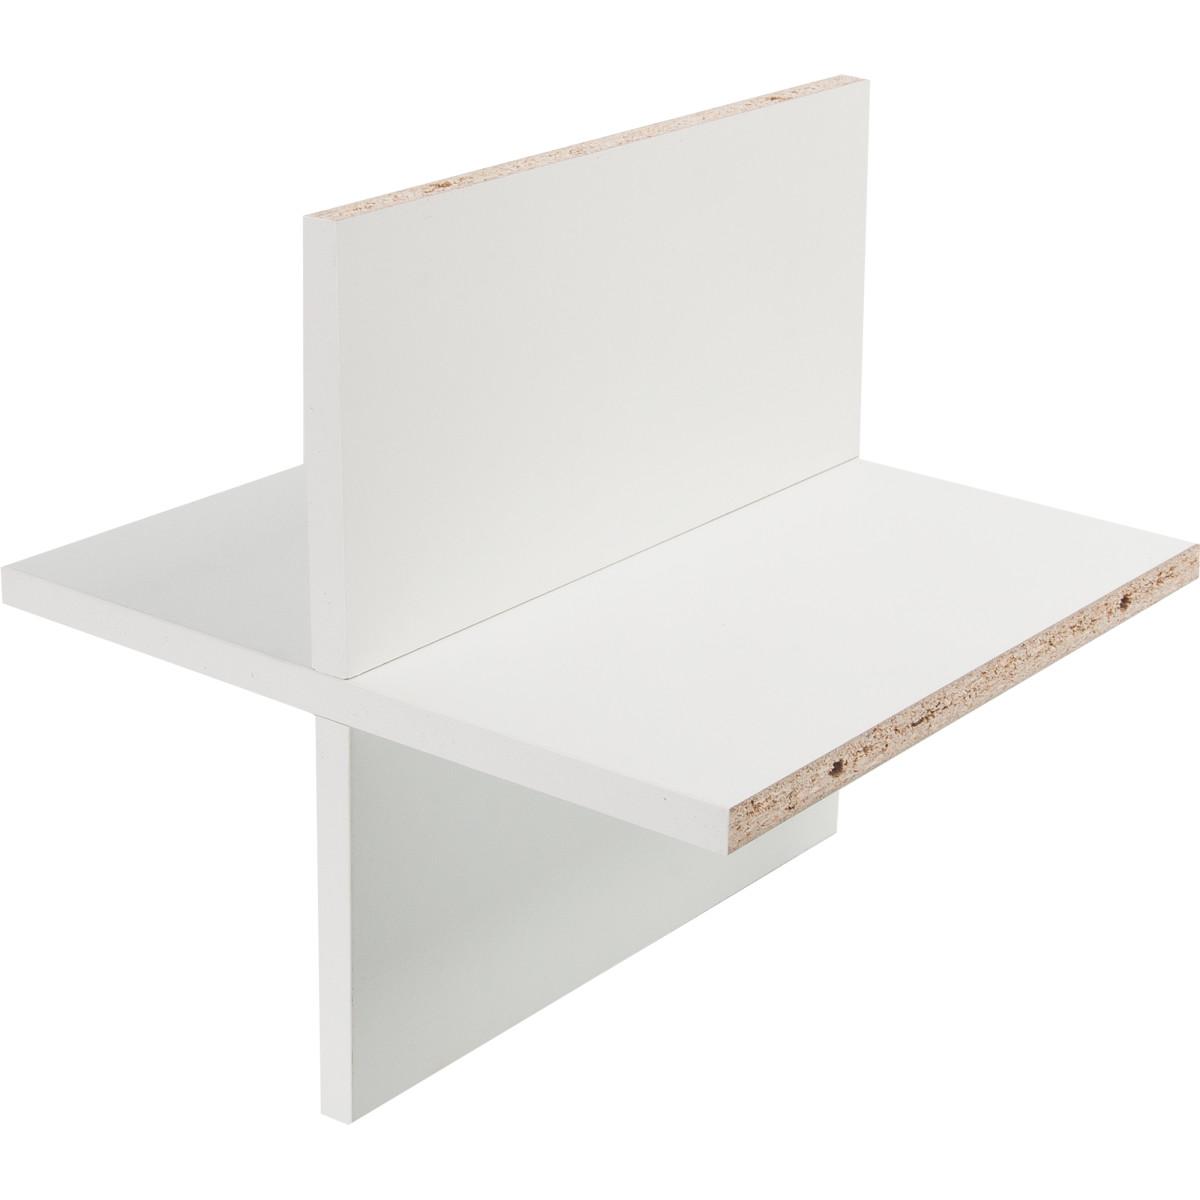 Вставка крестовая КУБ 33x31.5 см ДСП цвет белый